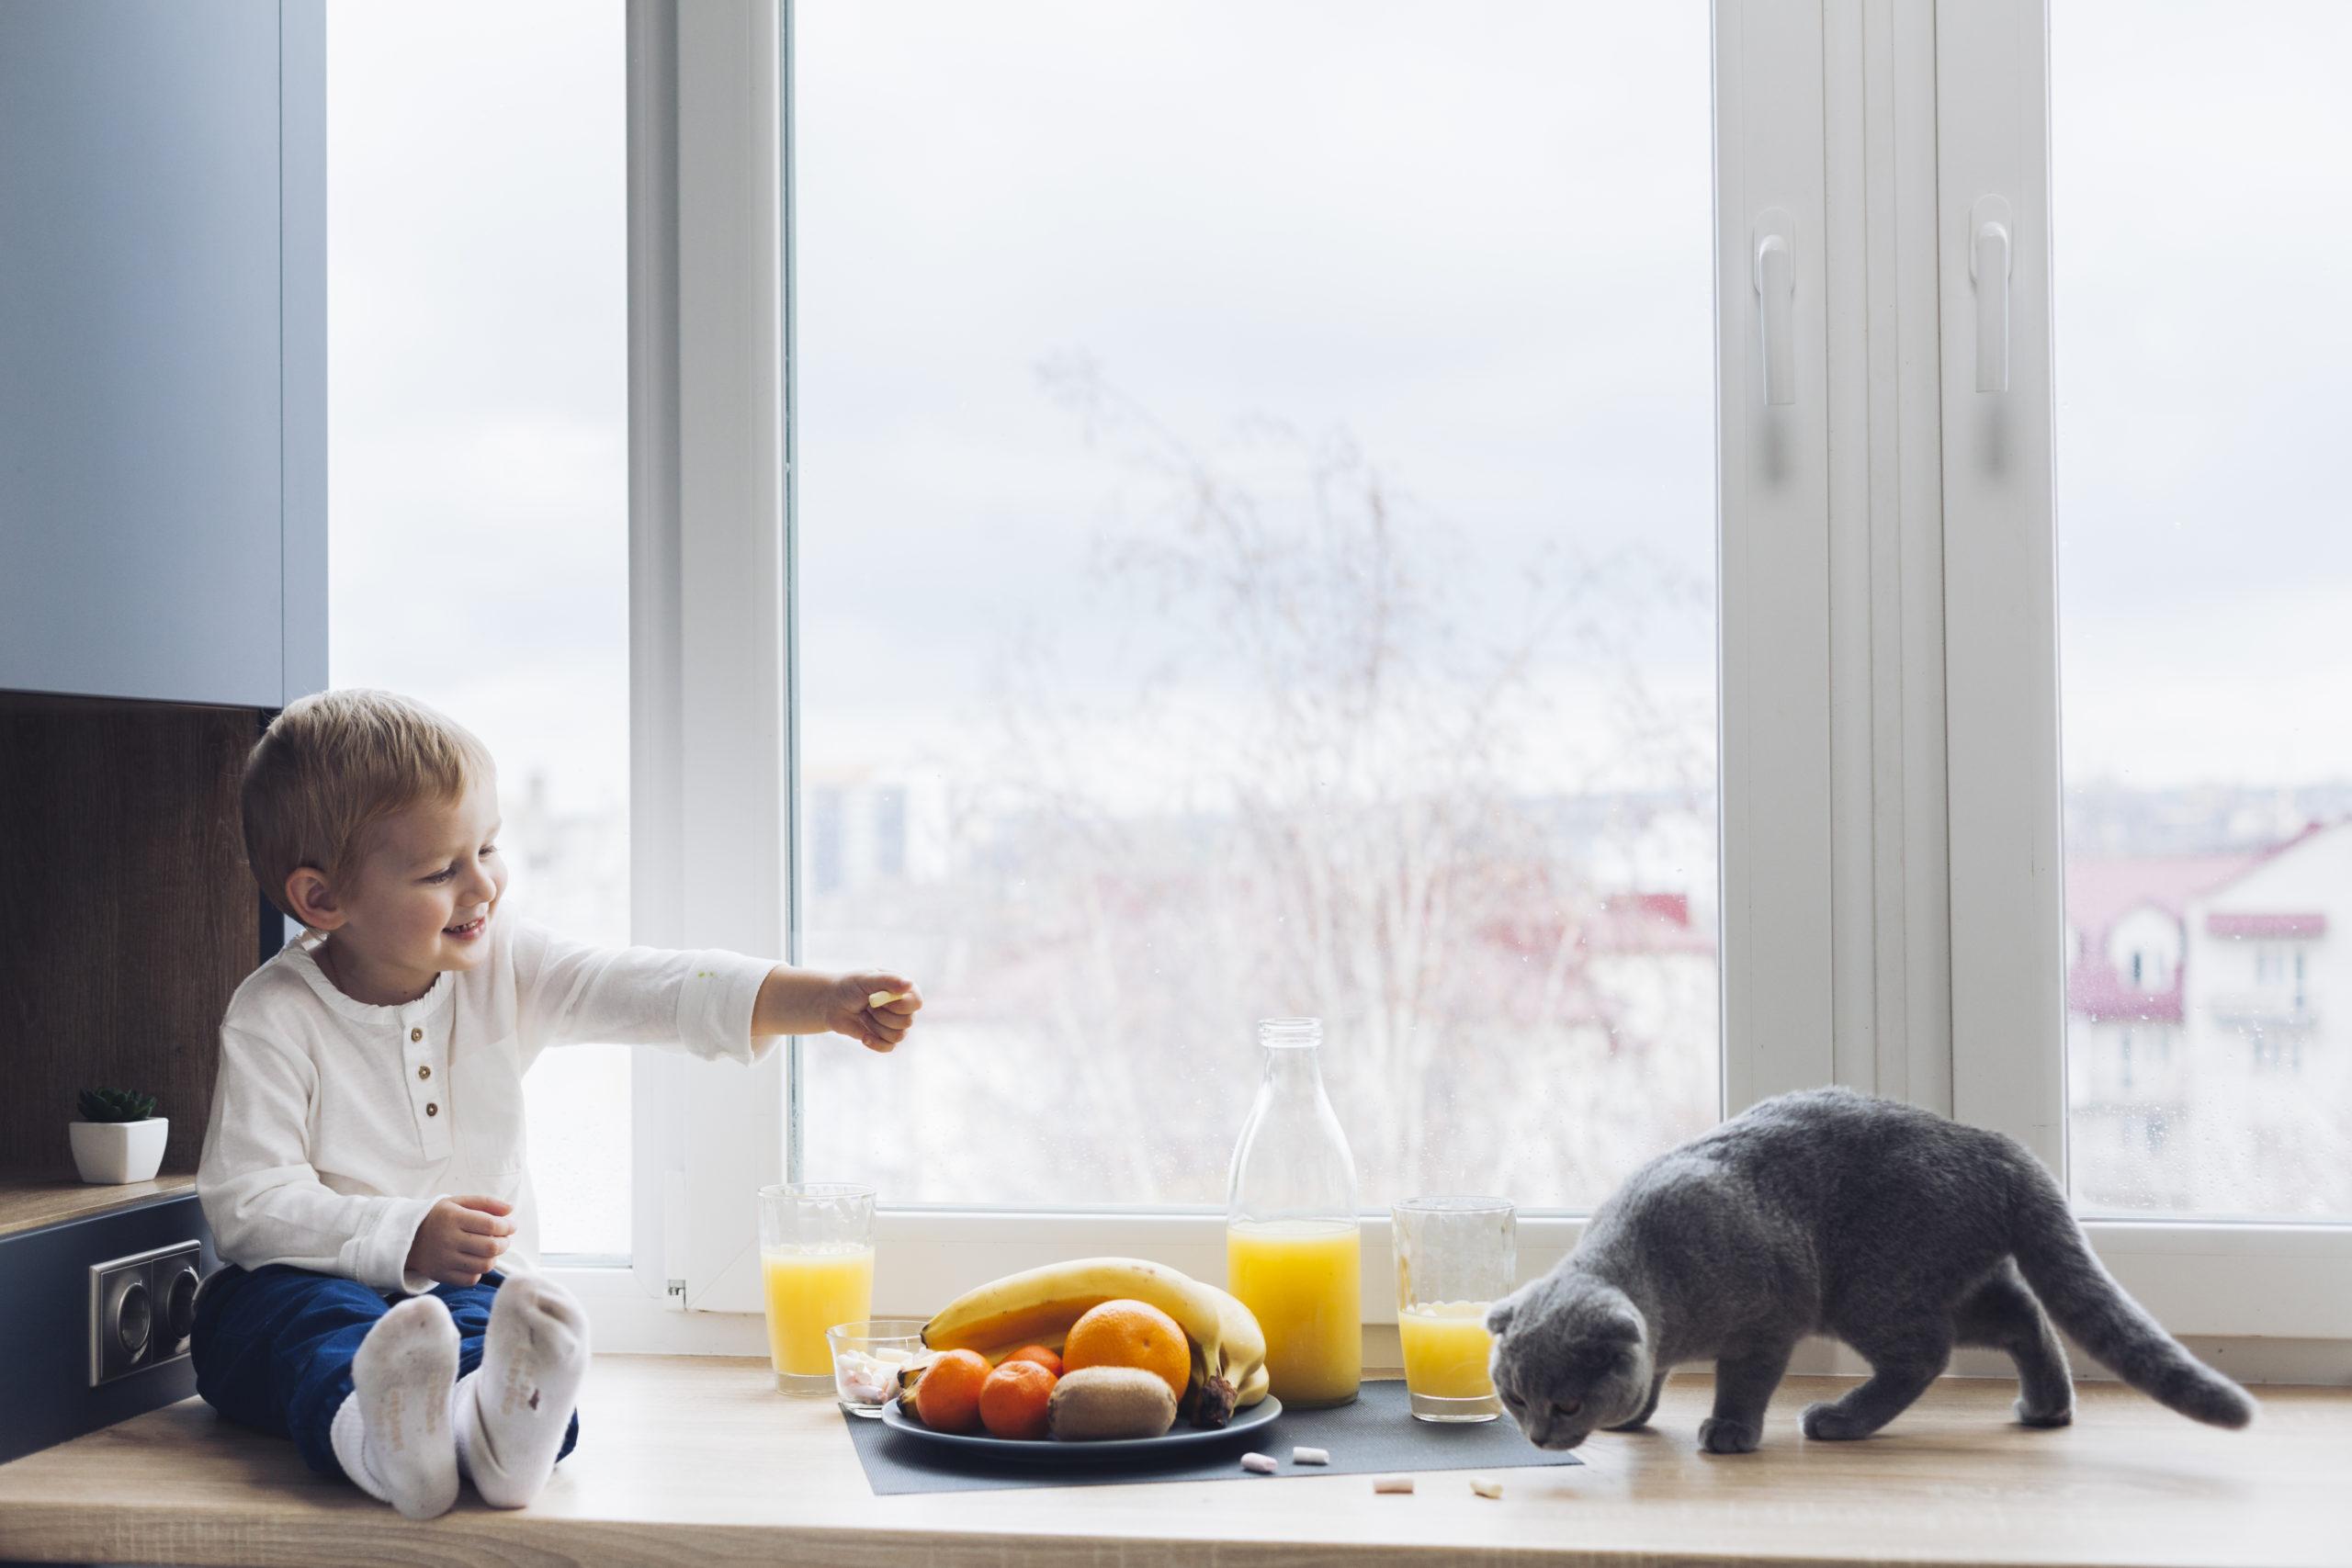 ネコはバナナを食べても大丈夫?ネコにバナナを与える効果と注意点